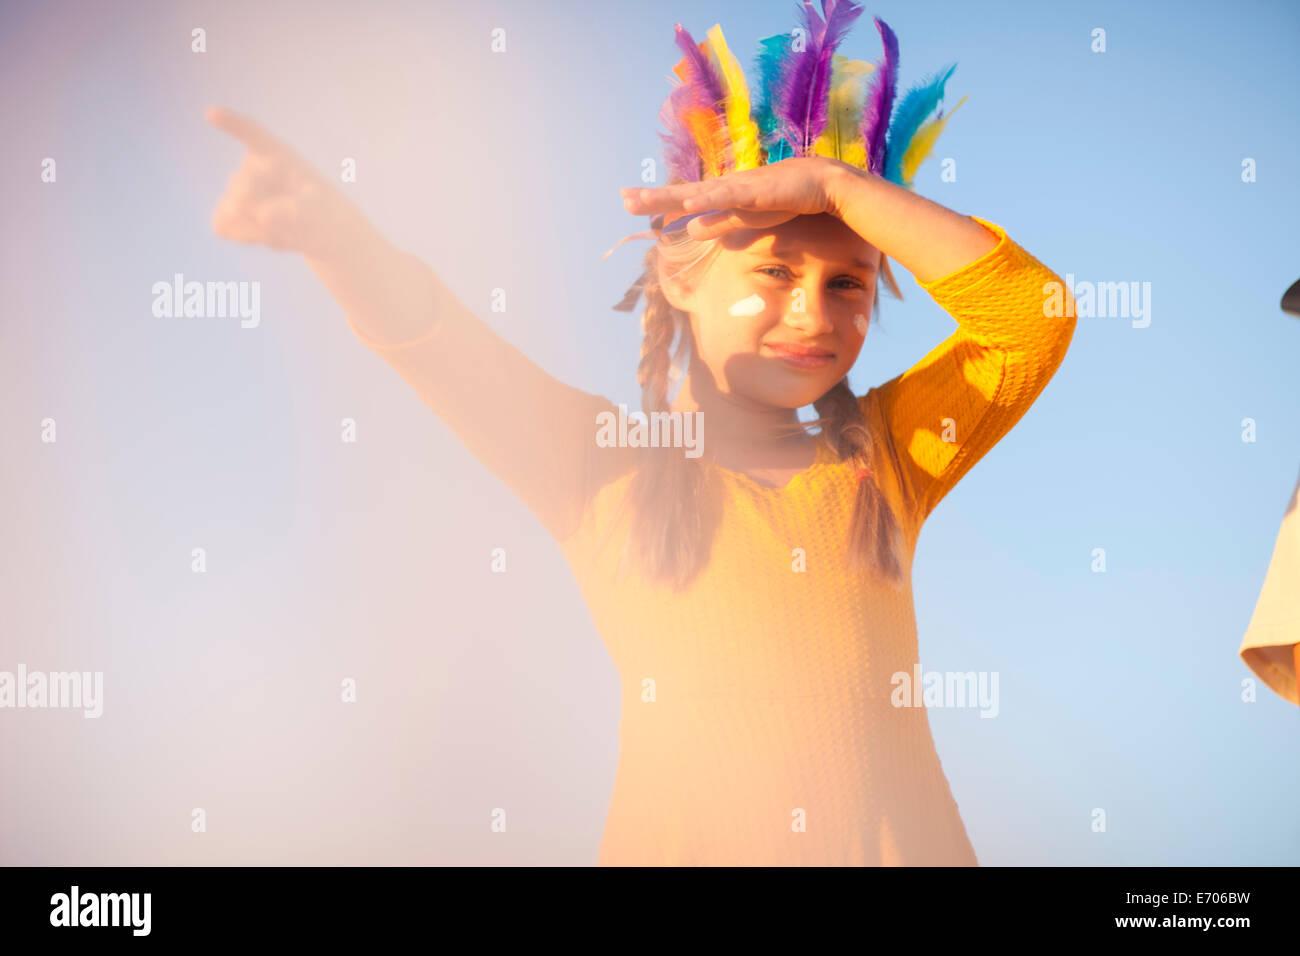 Niña vestidos como nativo americano en el tocado de plumas con ojos y sombreado de mano apuntando Imagen De Stock